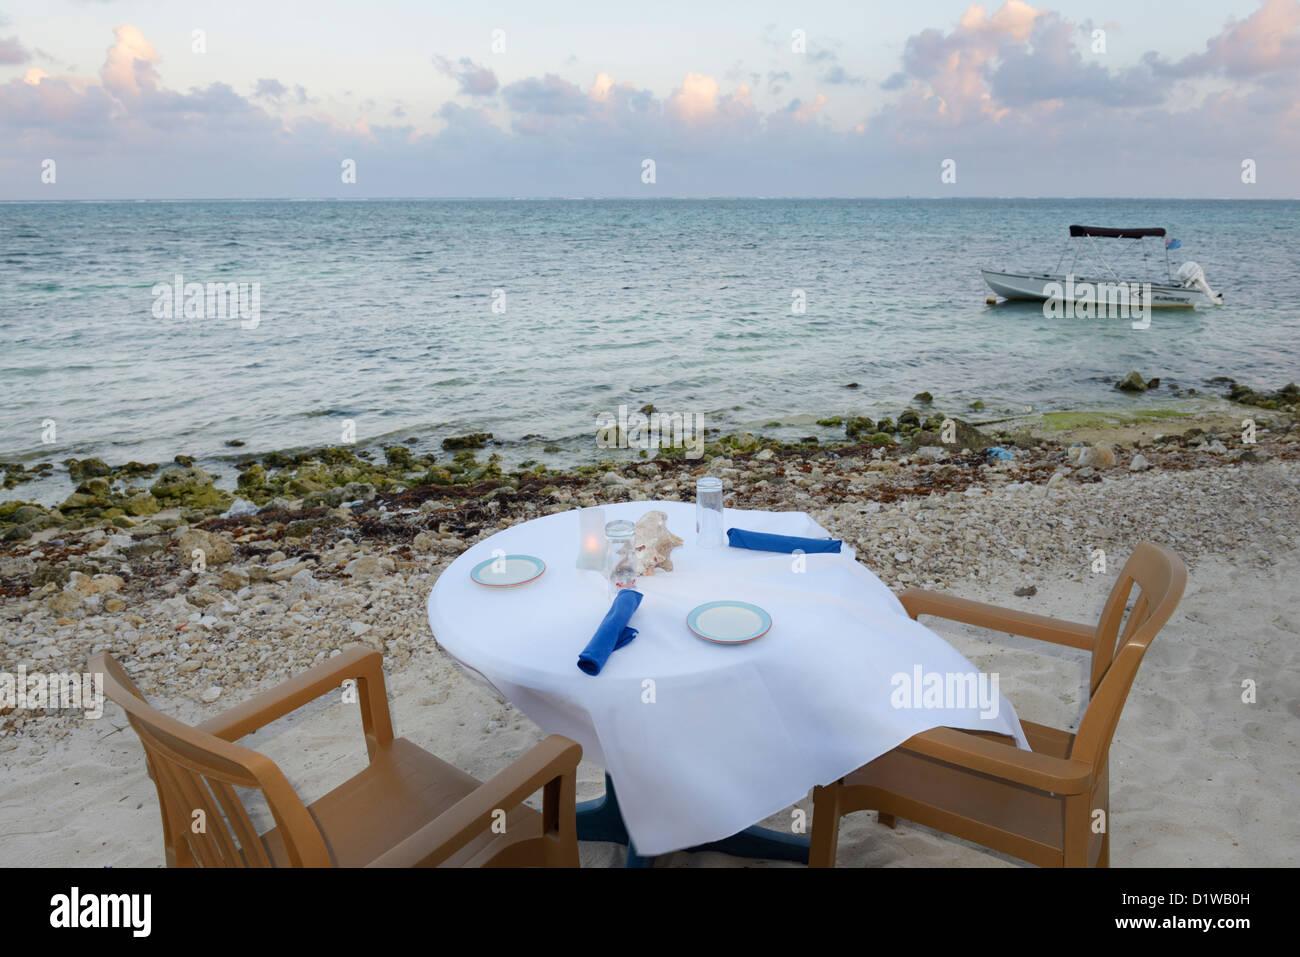 Mesa de restaurante en la playa durante la puesta de sol sobre el Caribe, extremo este de Gran Caimán. Imagen De Stock